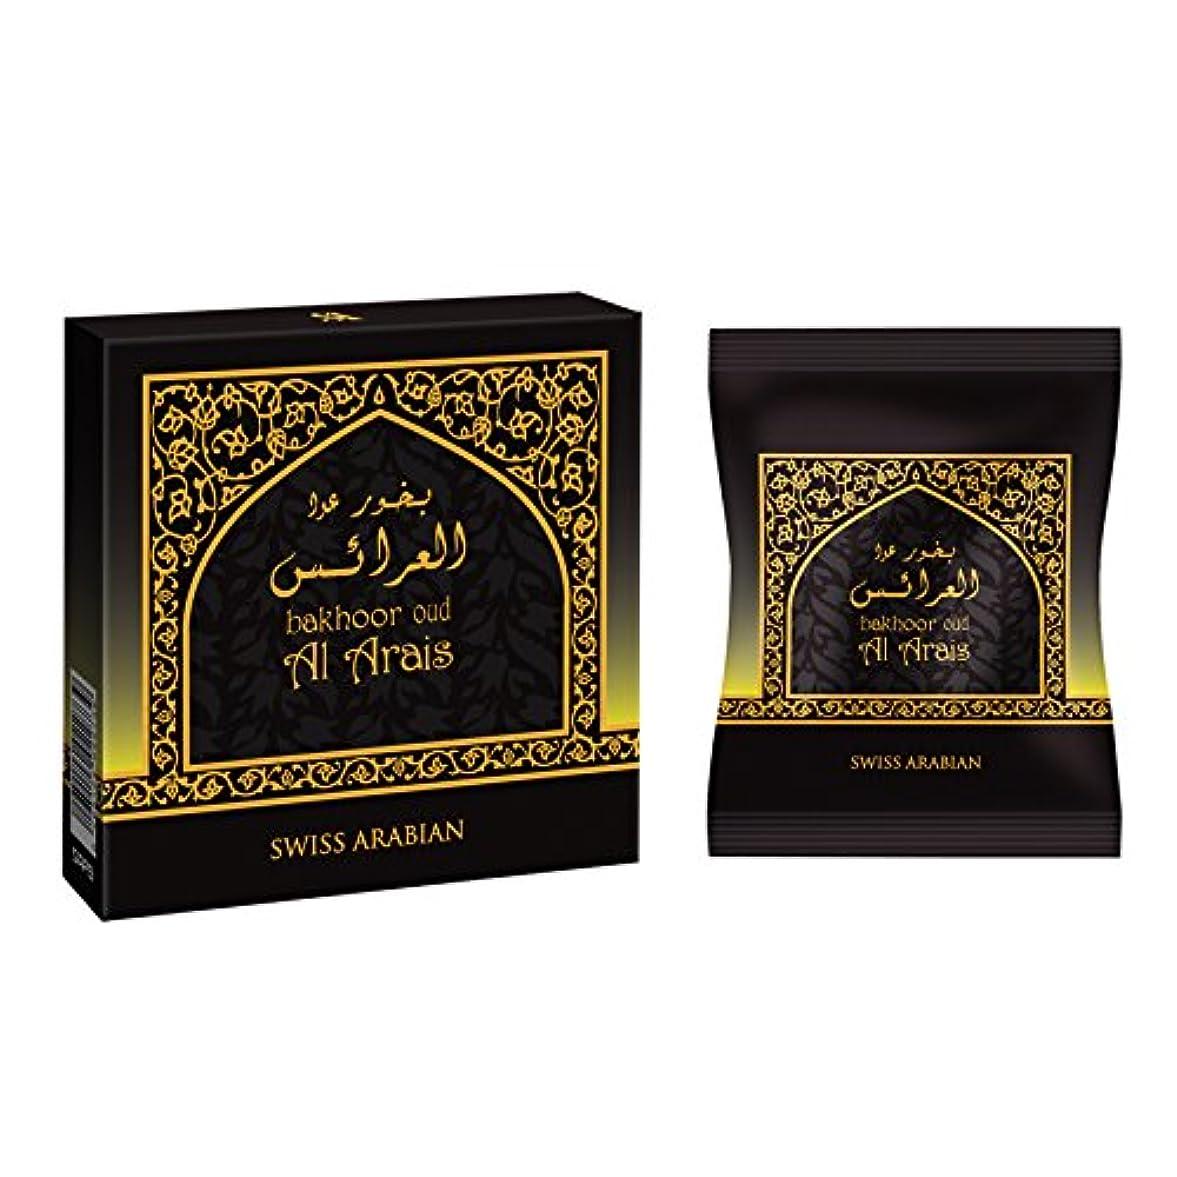 障害者発生する人類swissarabian Oud Al Arais Bakhoor (40g) Incense